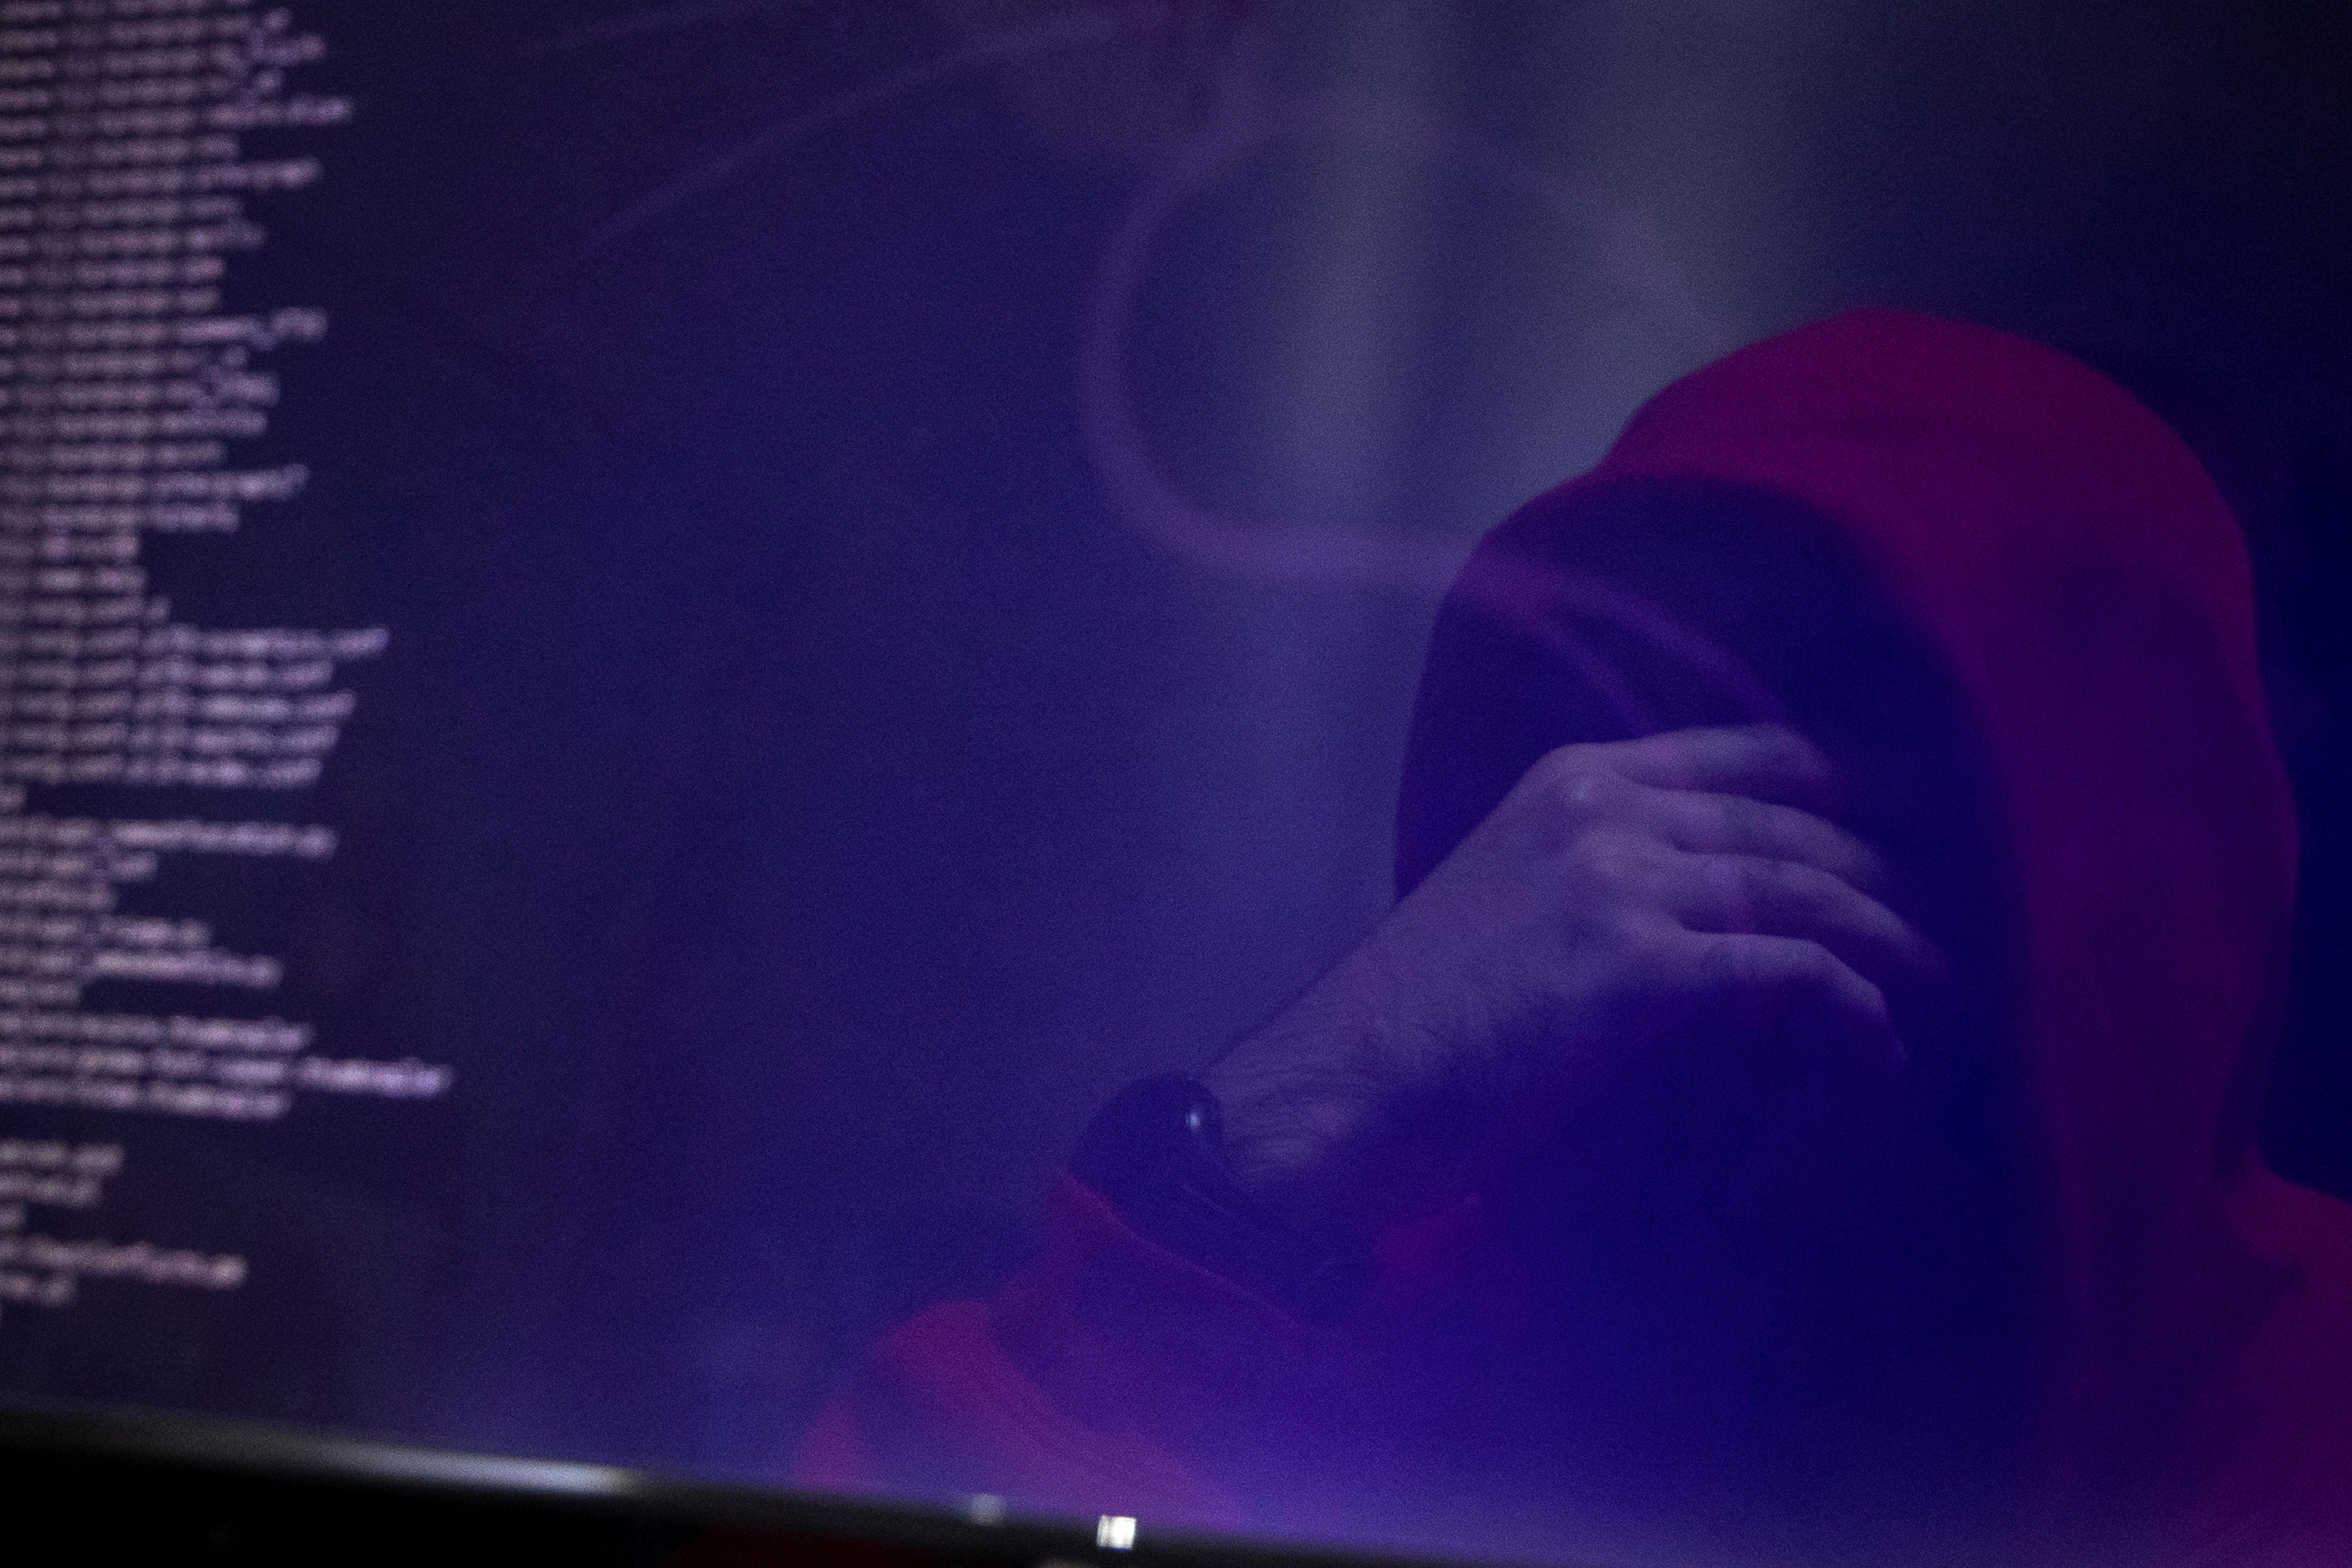 Илон Маск: арестованный российский хакер готовил атаку на завод Tesla